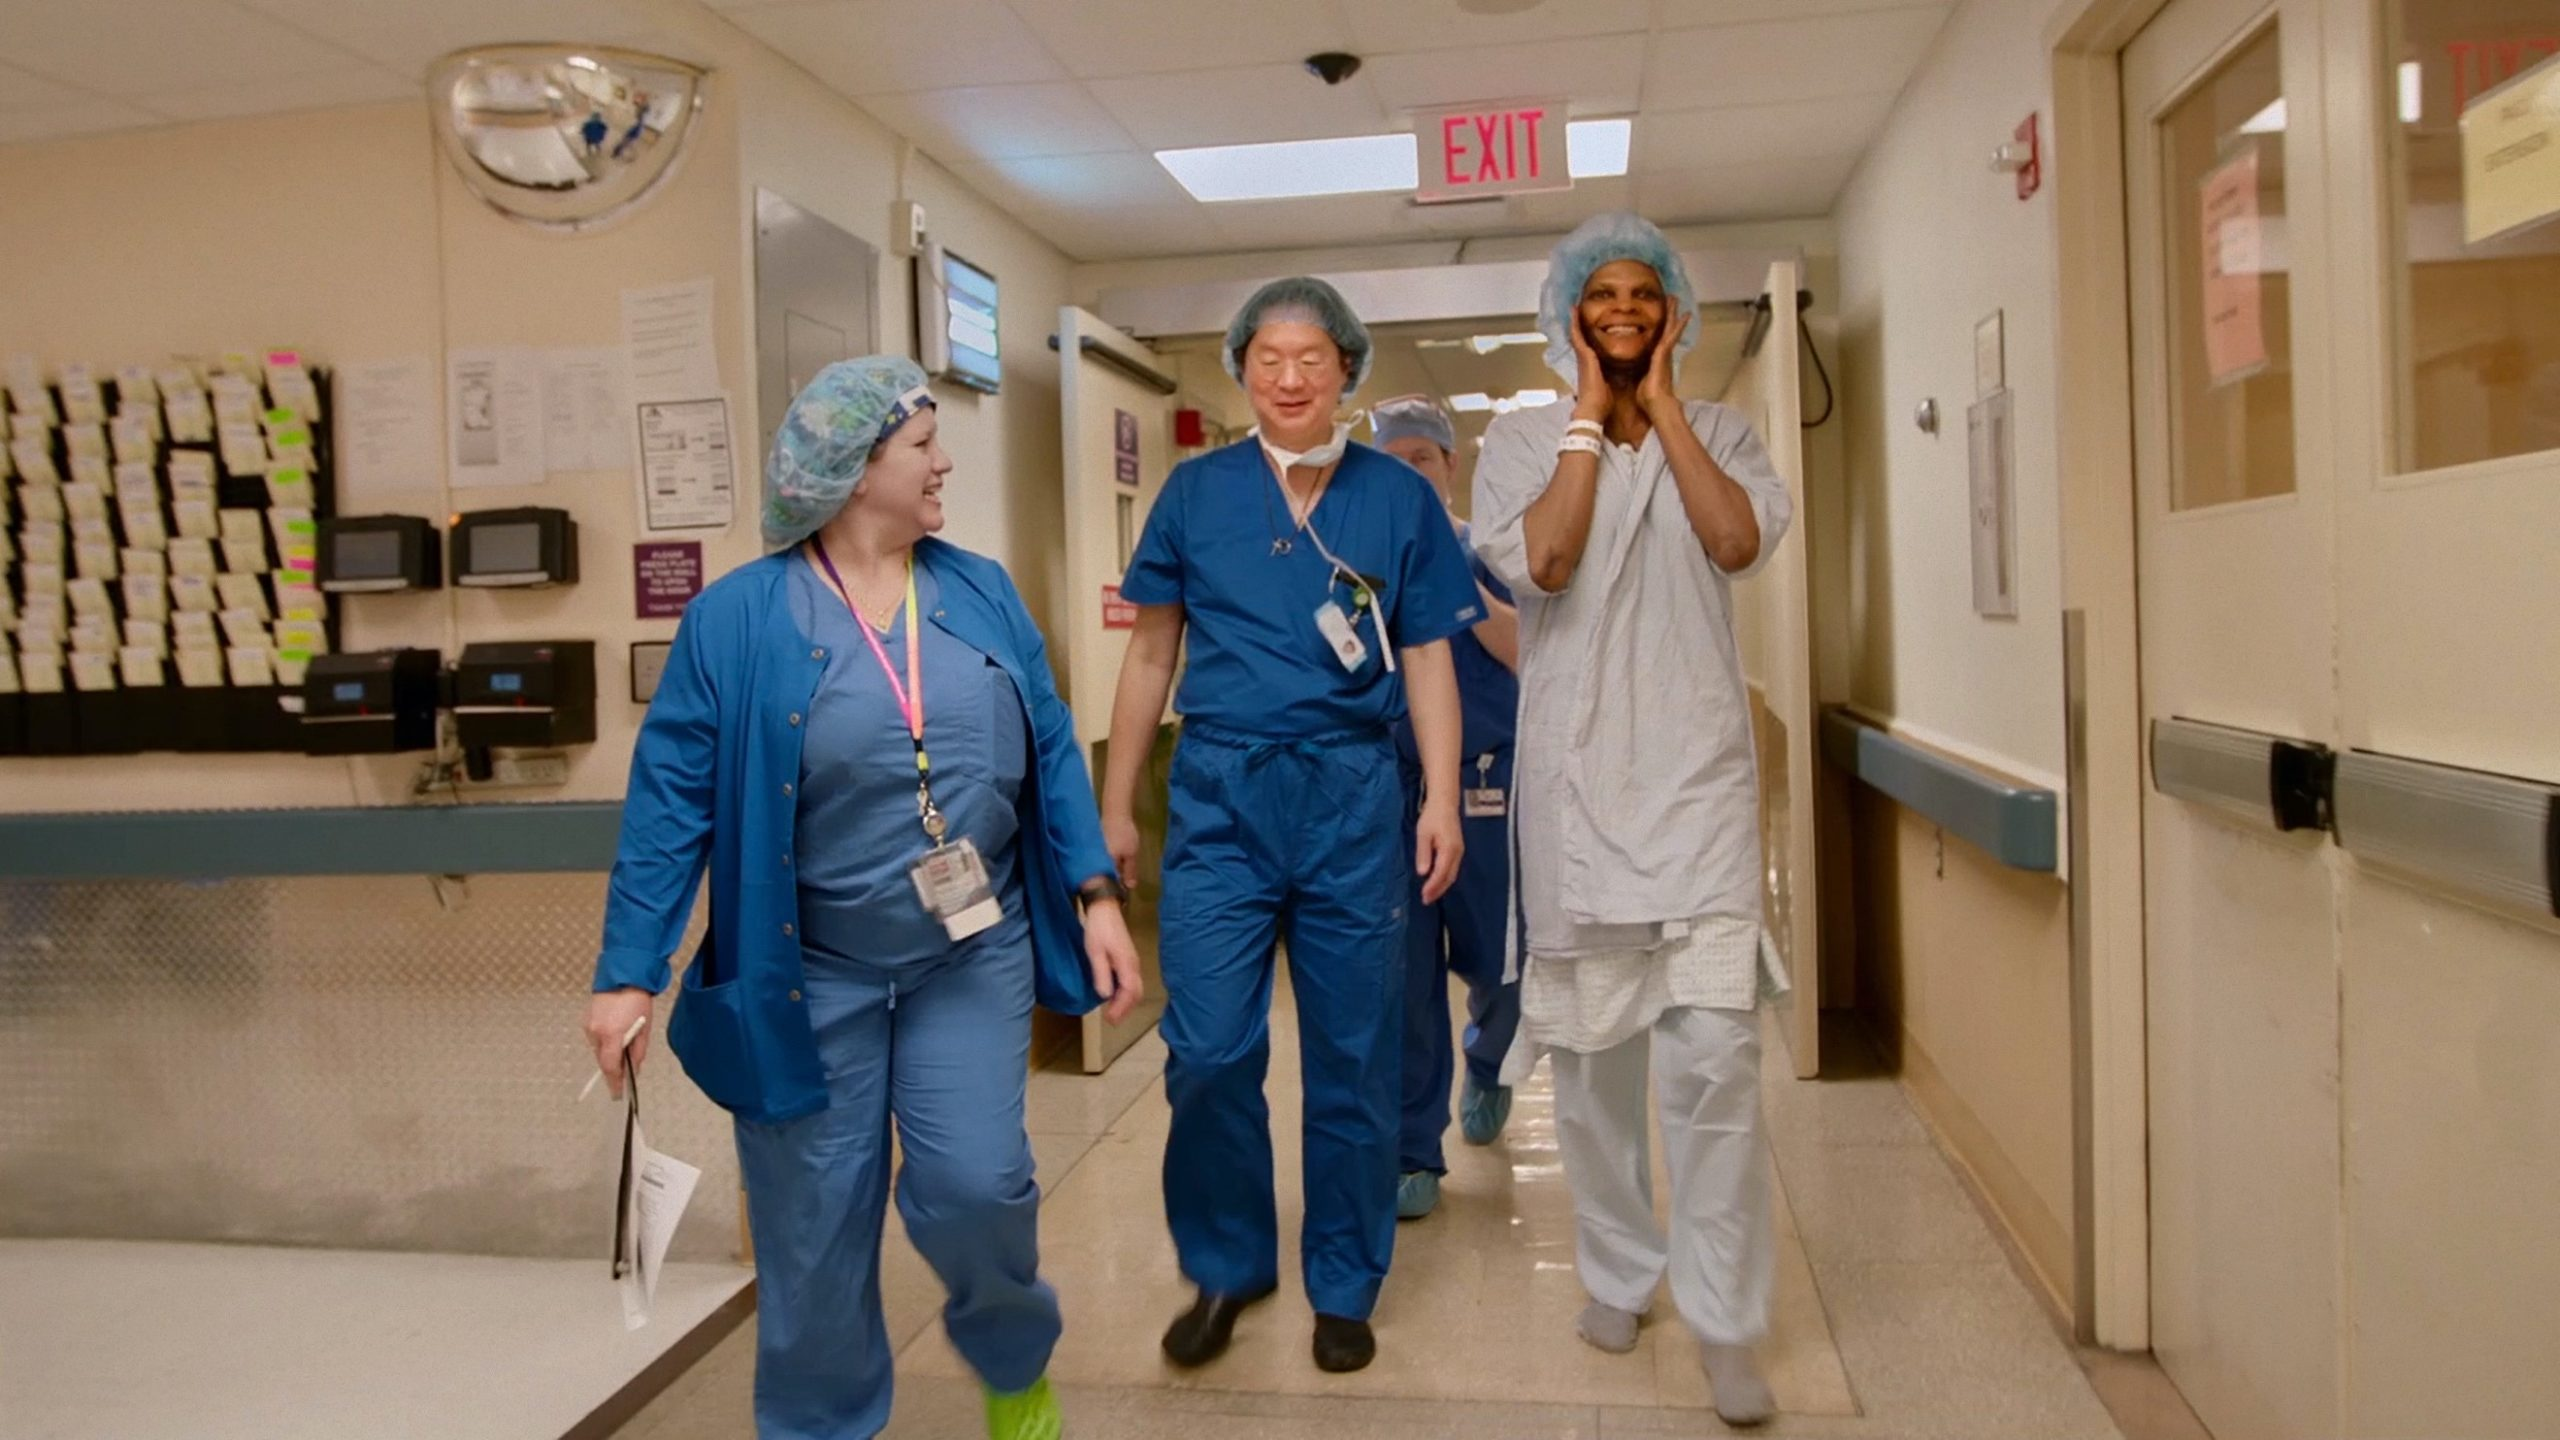 Dr. Jess Ting and Mahogany headed to the operating room for Mahogany's facial feminization procedure.